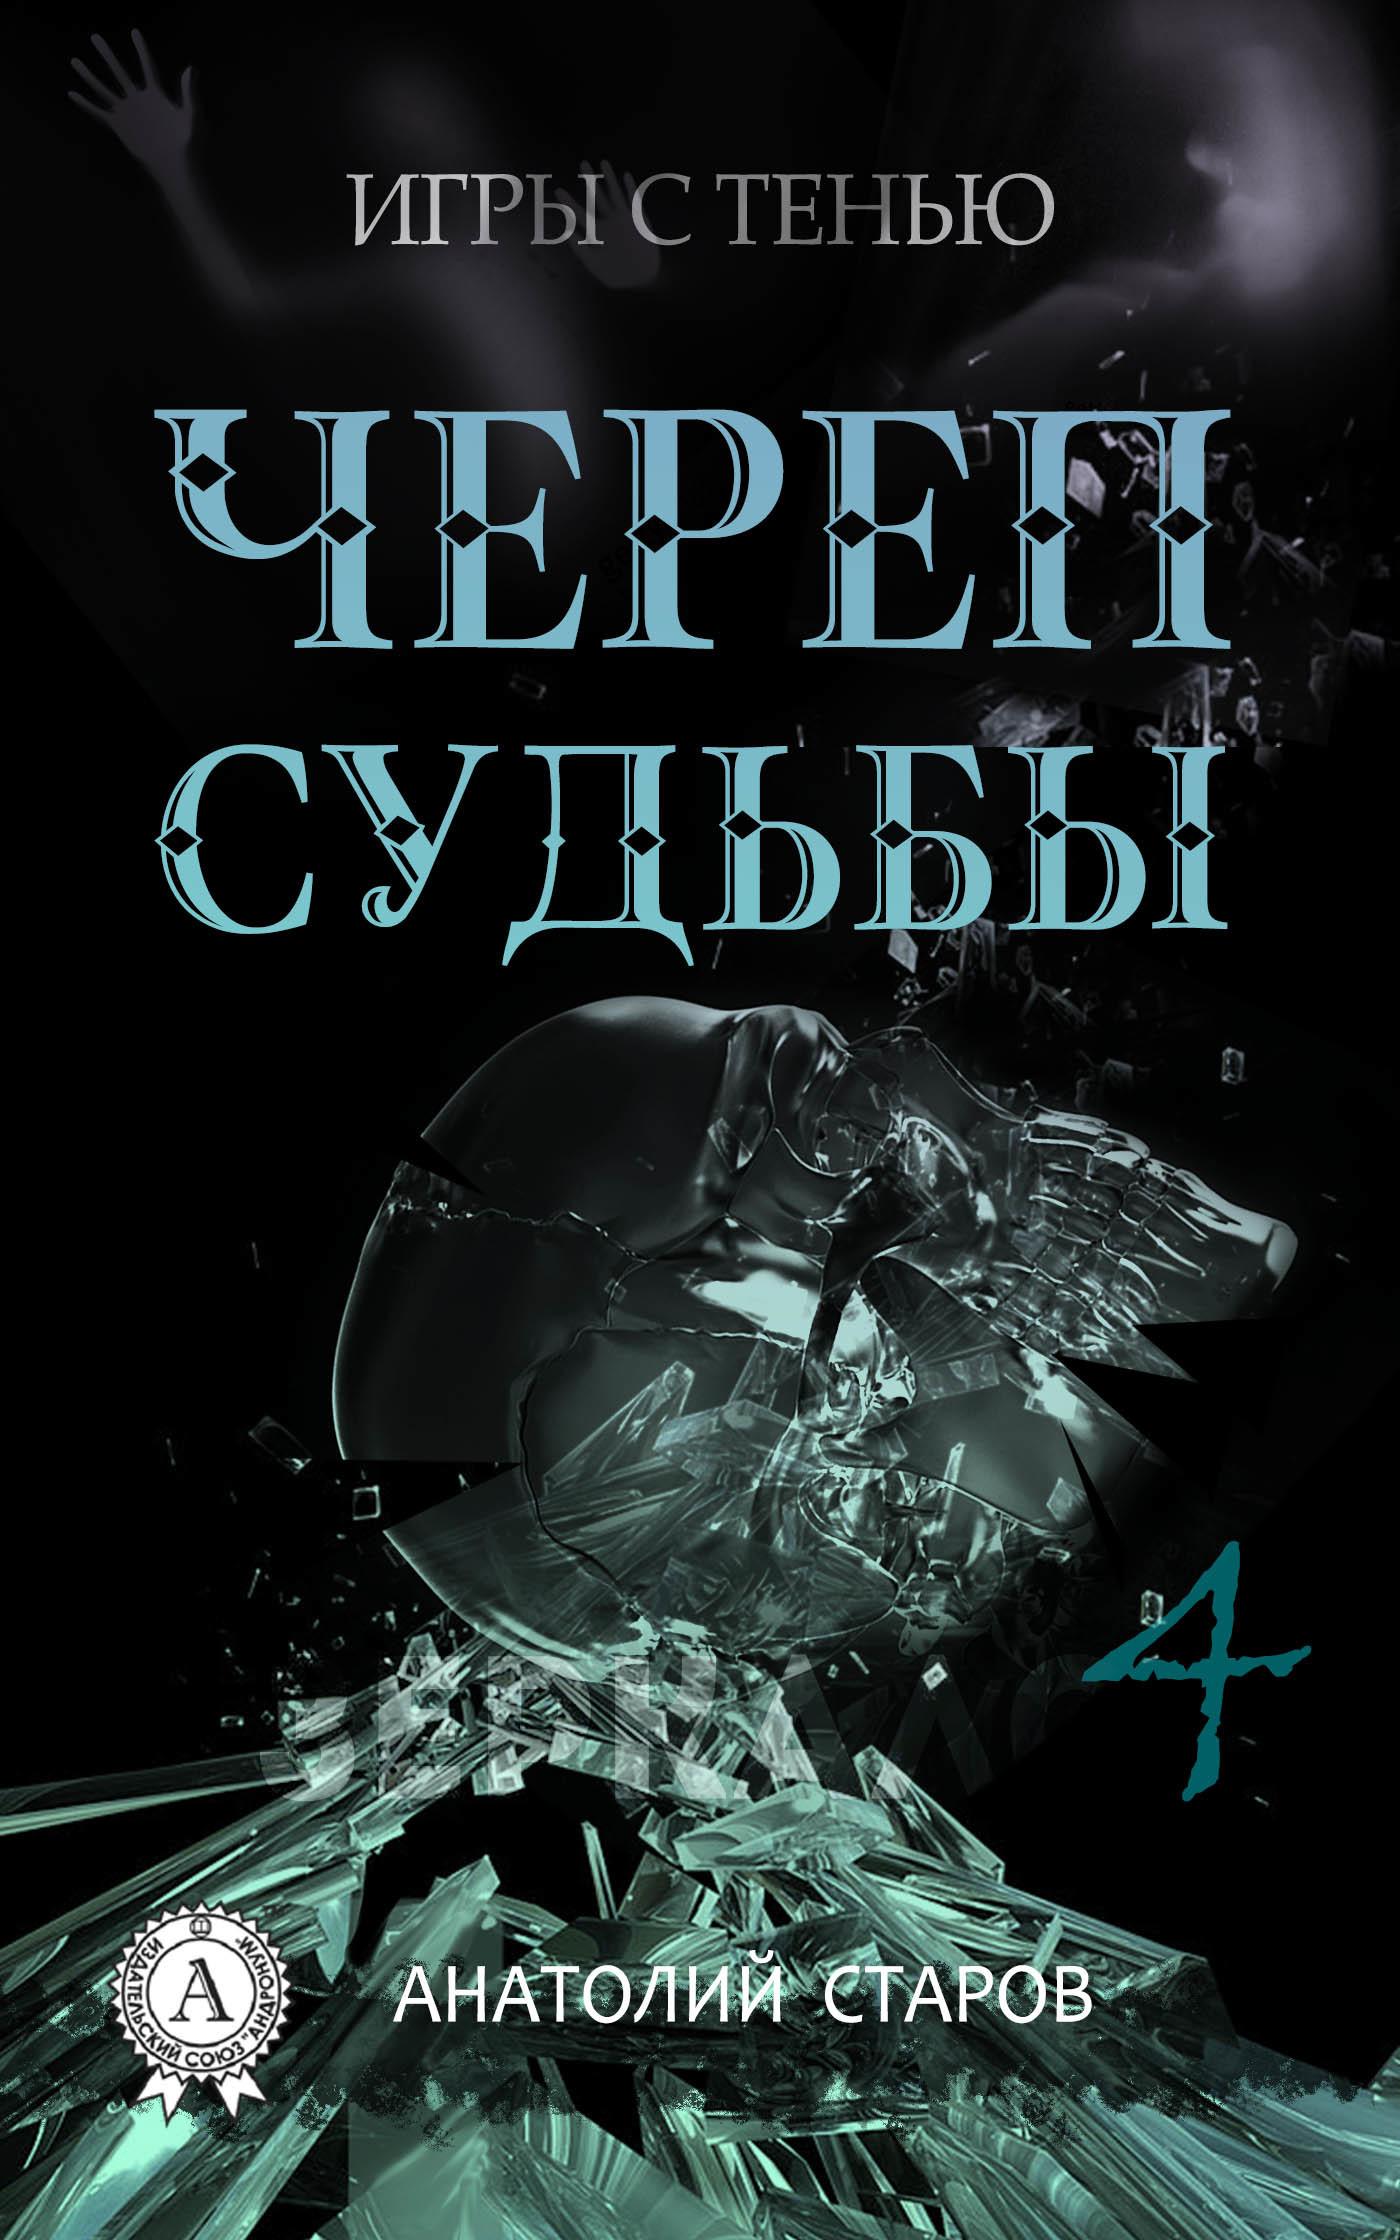 Анатолий Старов - Череп судьбы